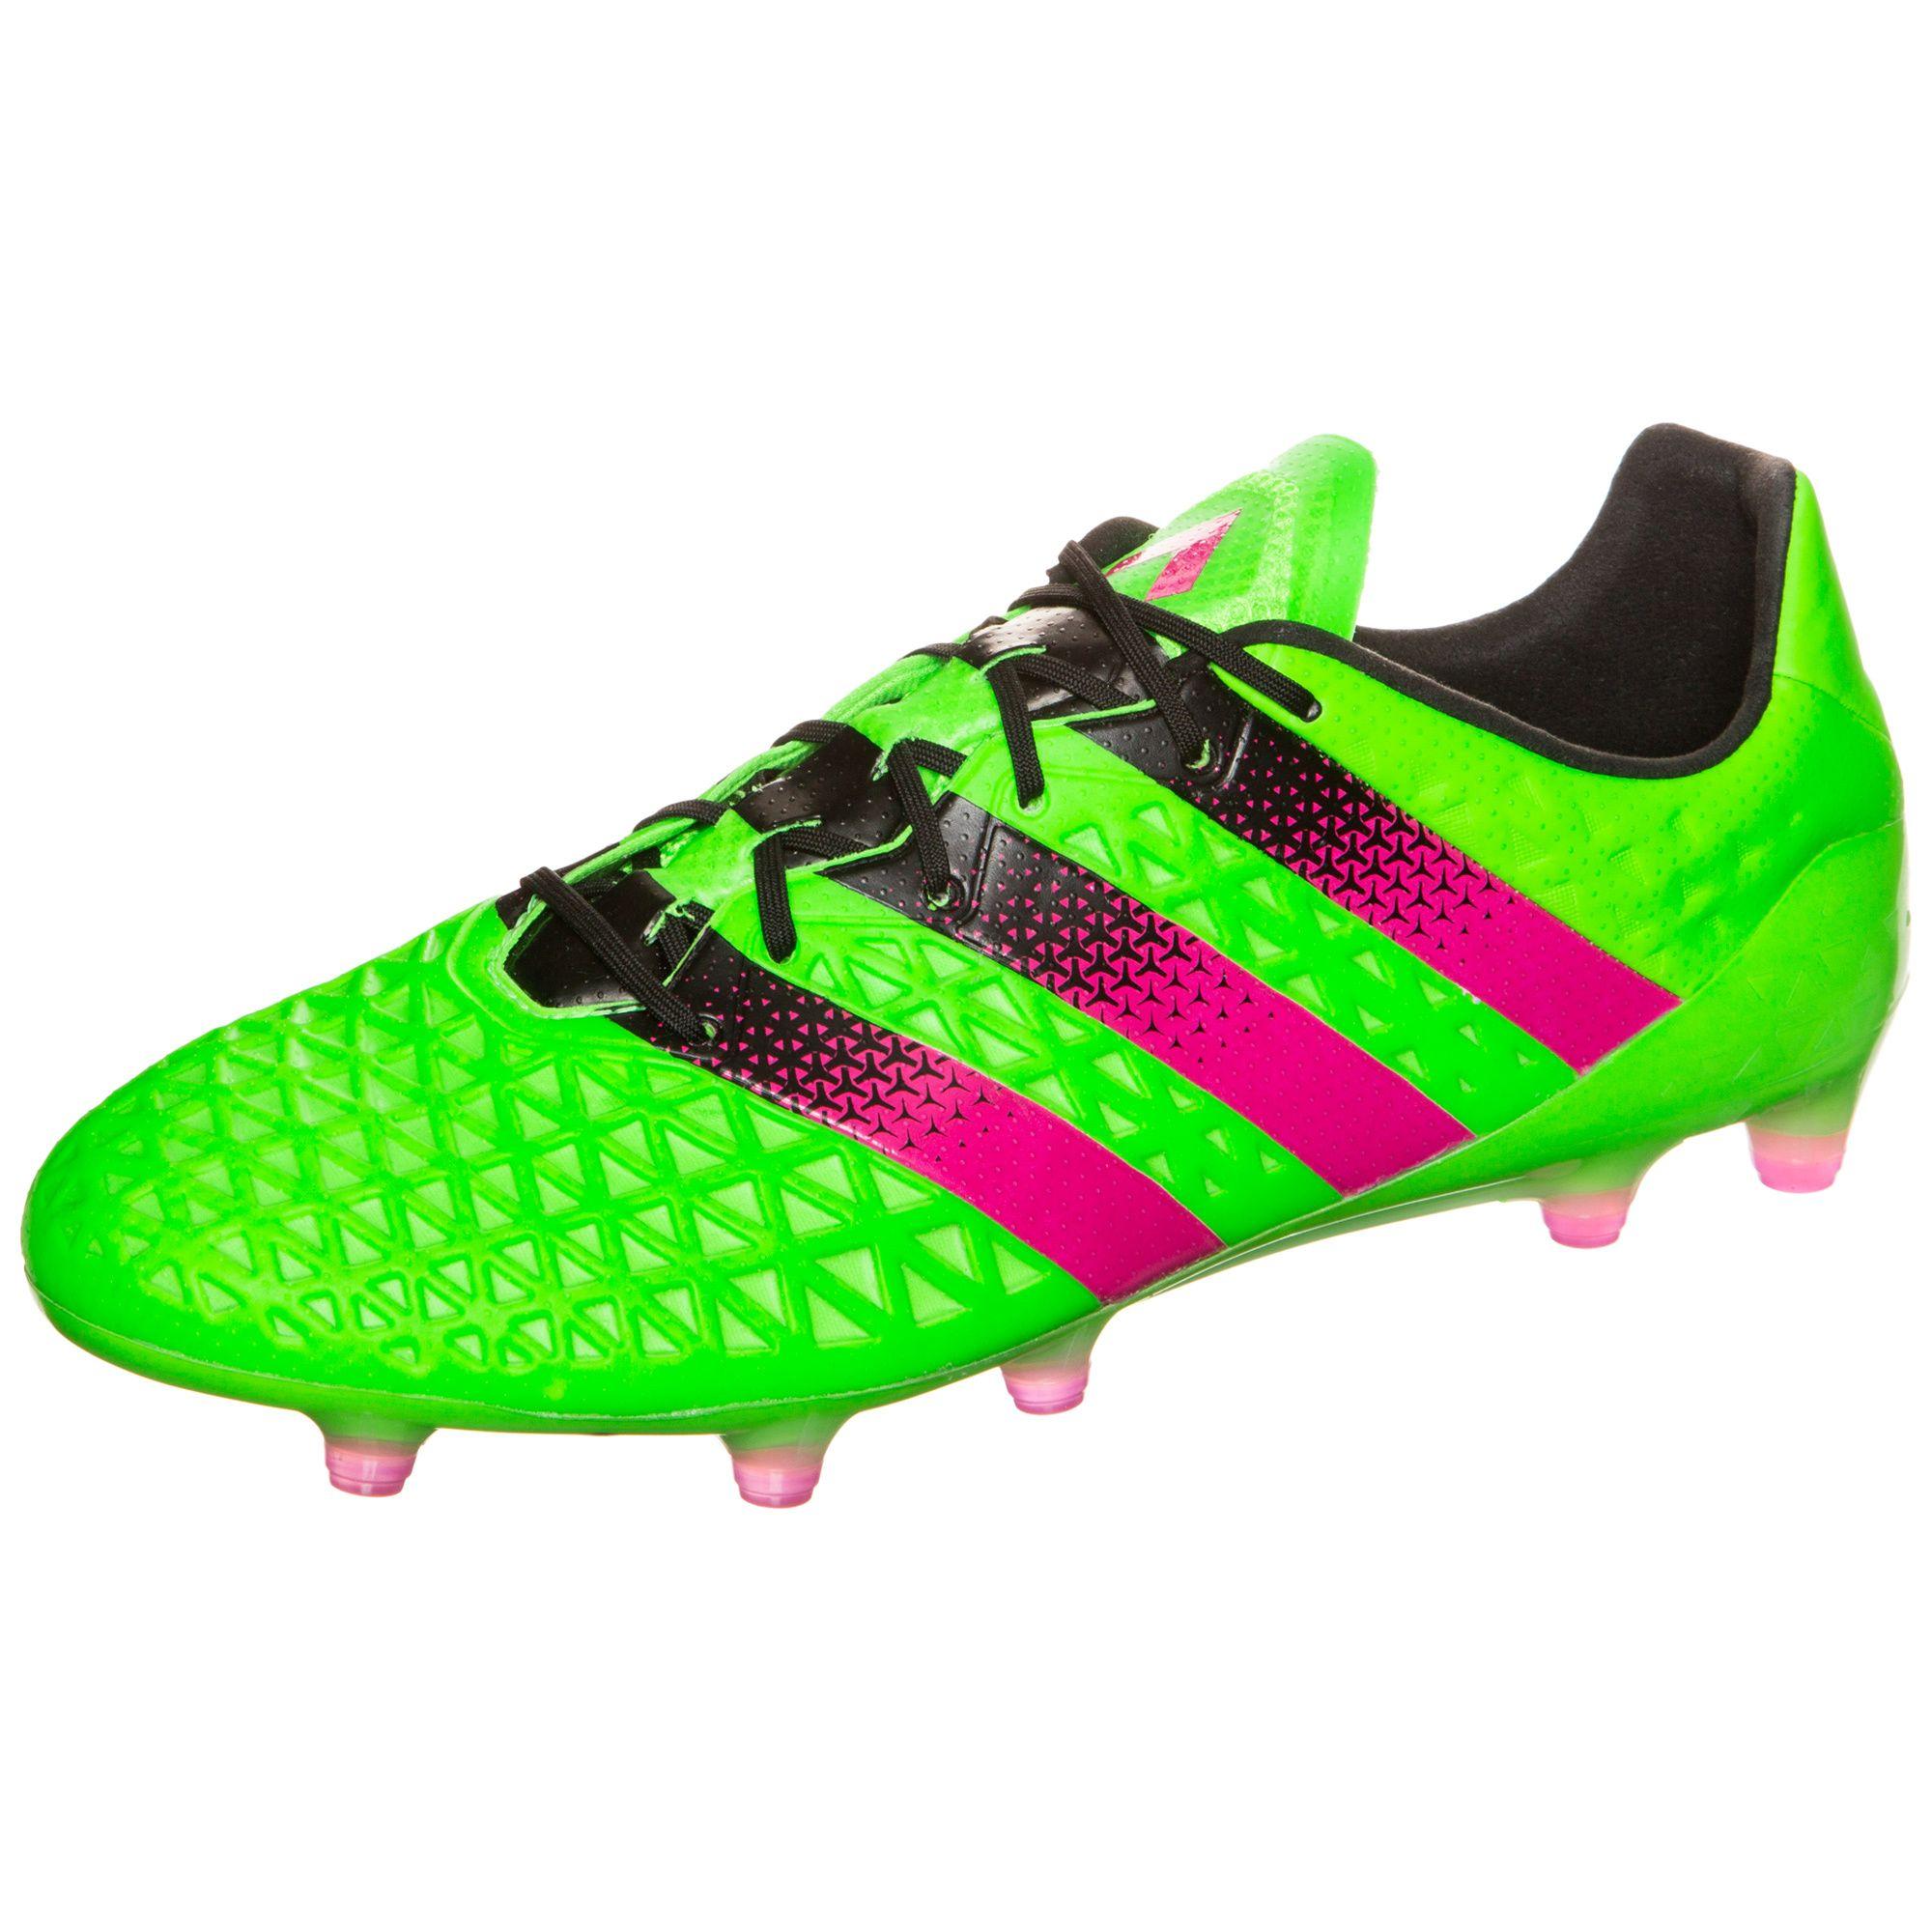 ADIDAS PERFORMANCE adidas Performance ACE 16.1 FG/AG Fußballschuh Herren